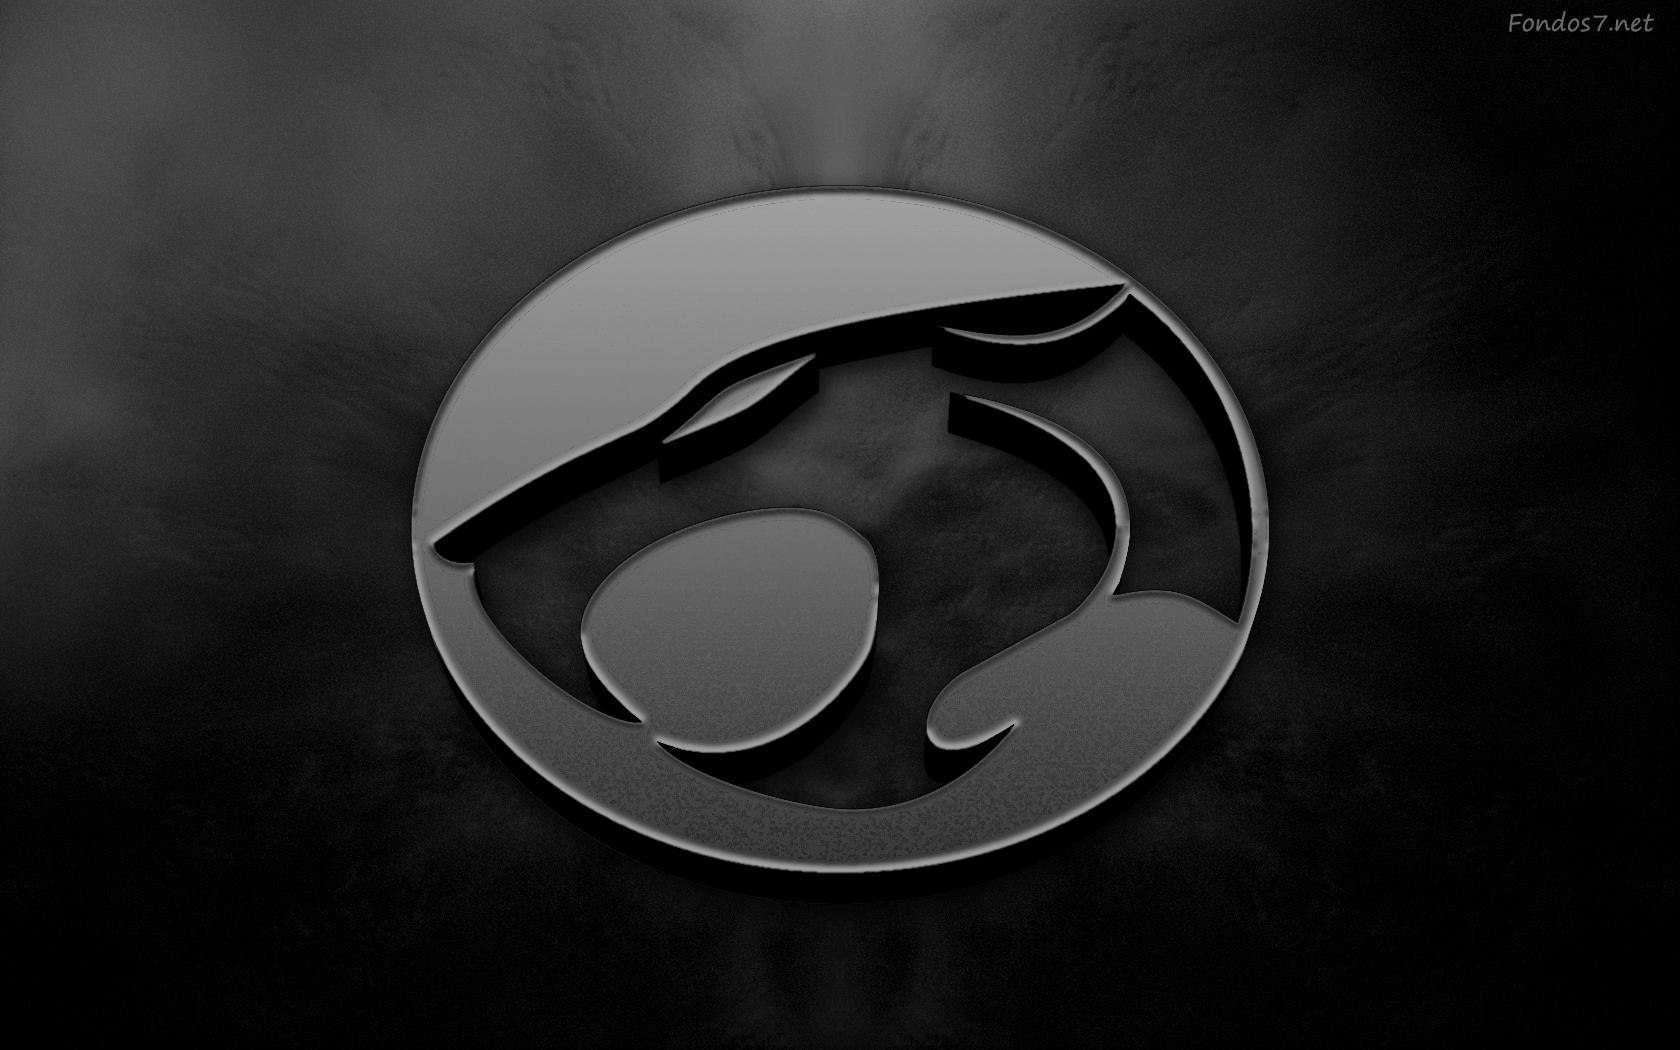 Thundercats logo 1680x1050